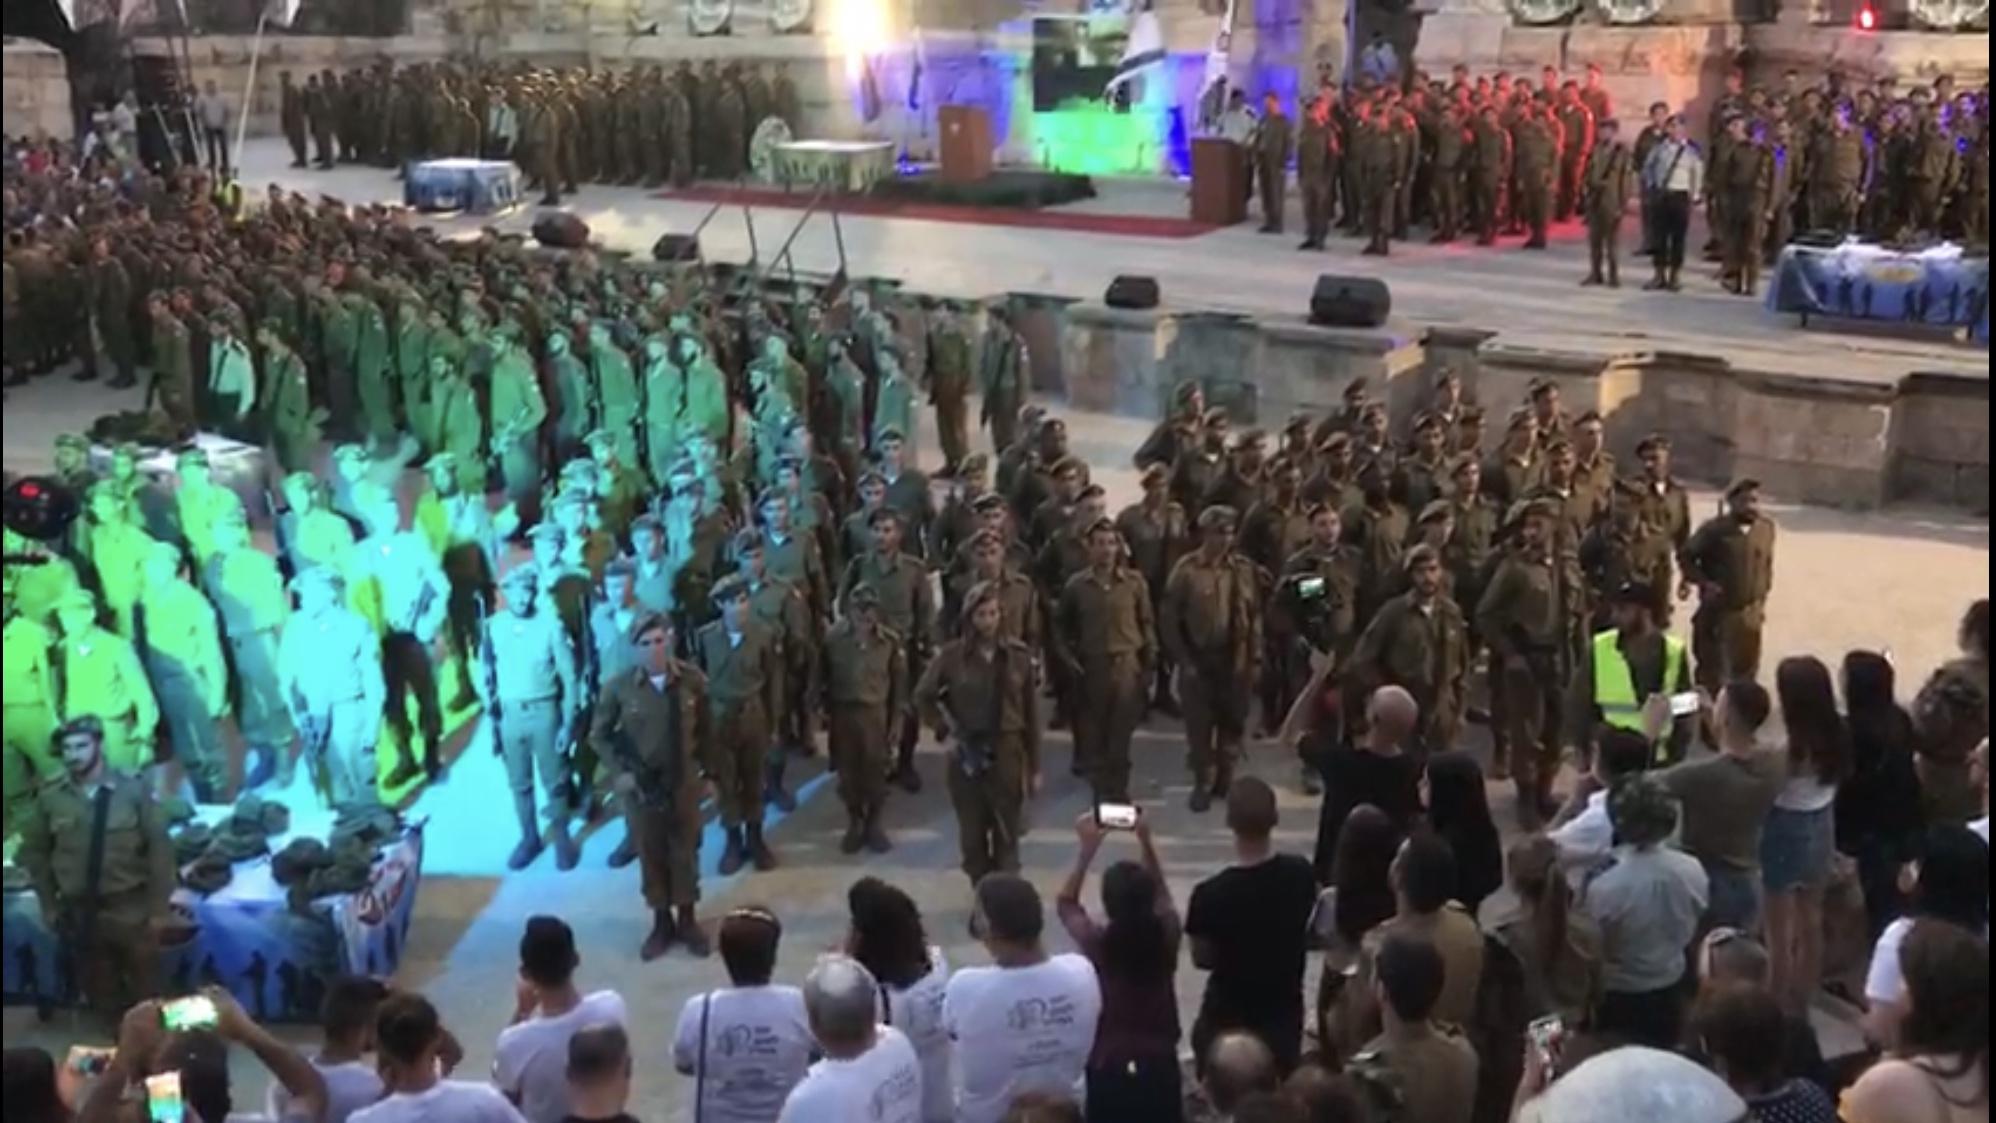 צפו בסרטון המרגש: חיילי כפיר מקבלים כומתה ופוצחים בשירת ״אני מאמין״